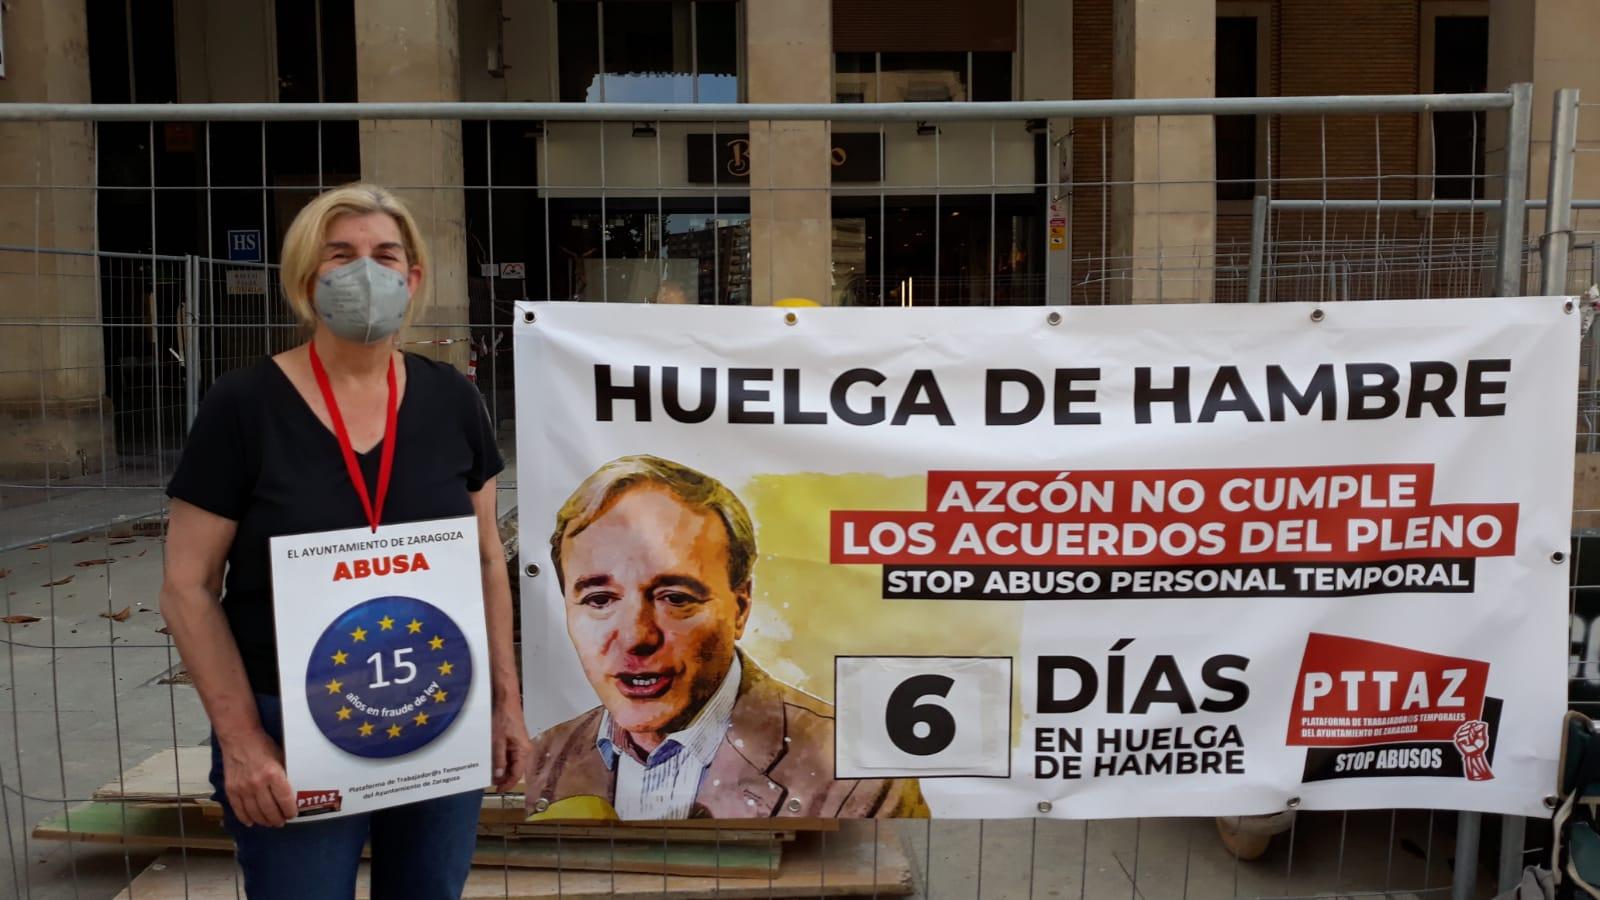 Diez días en huelga de hambre contra la temporalidad en el Ayuntamiento de Zaragoza